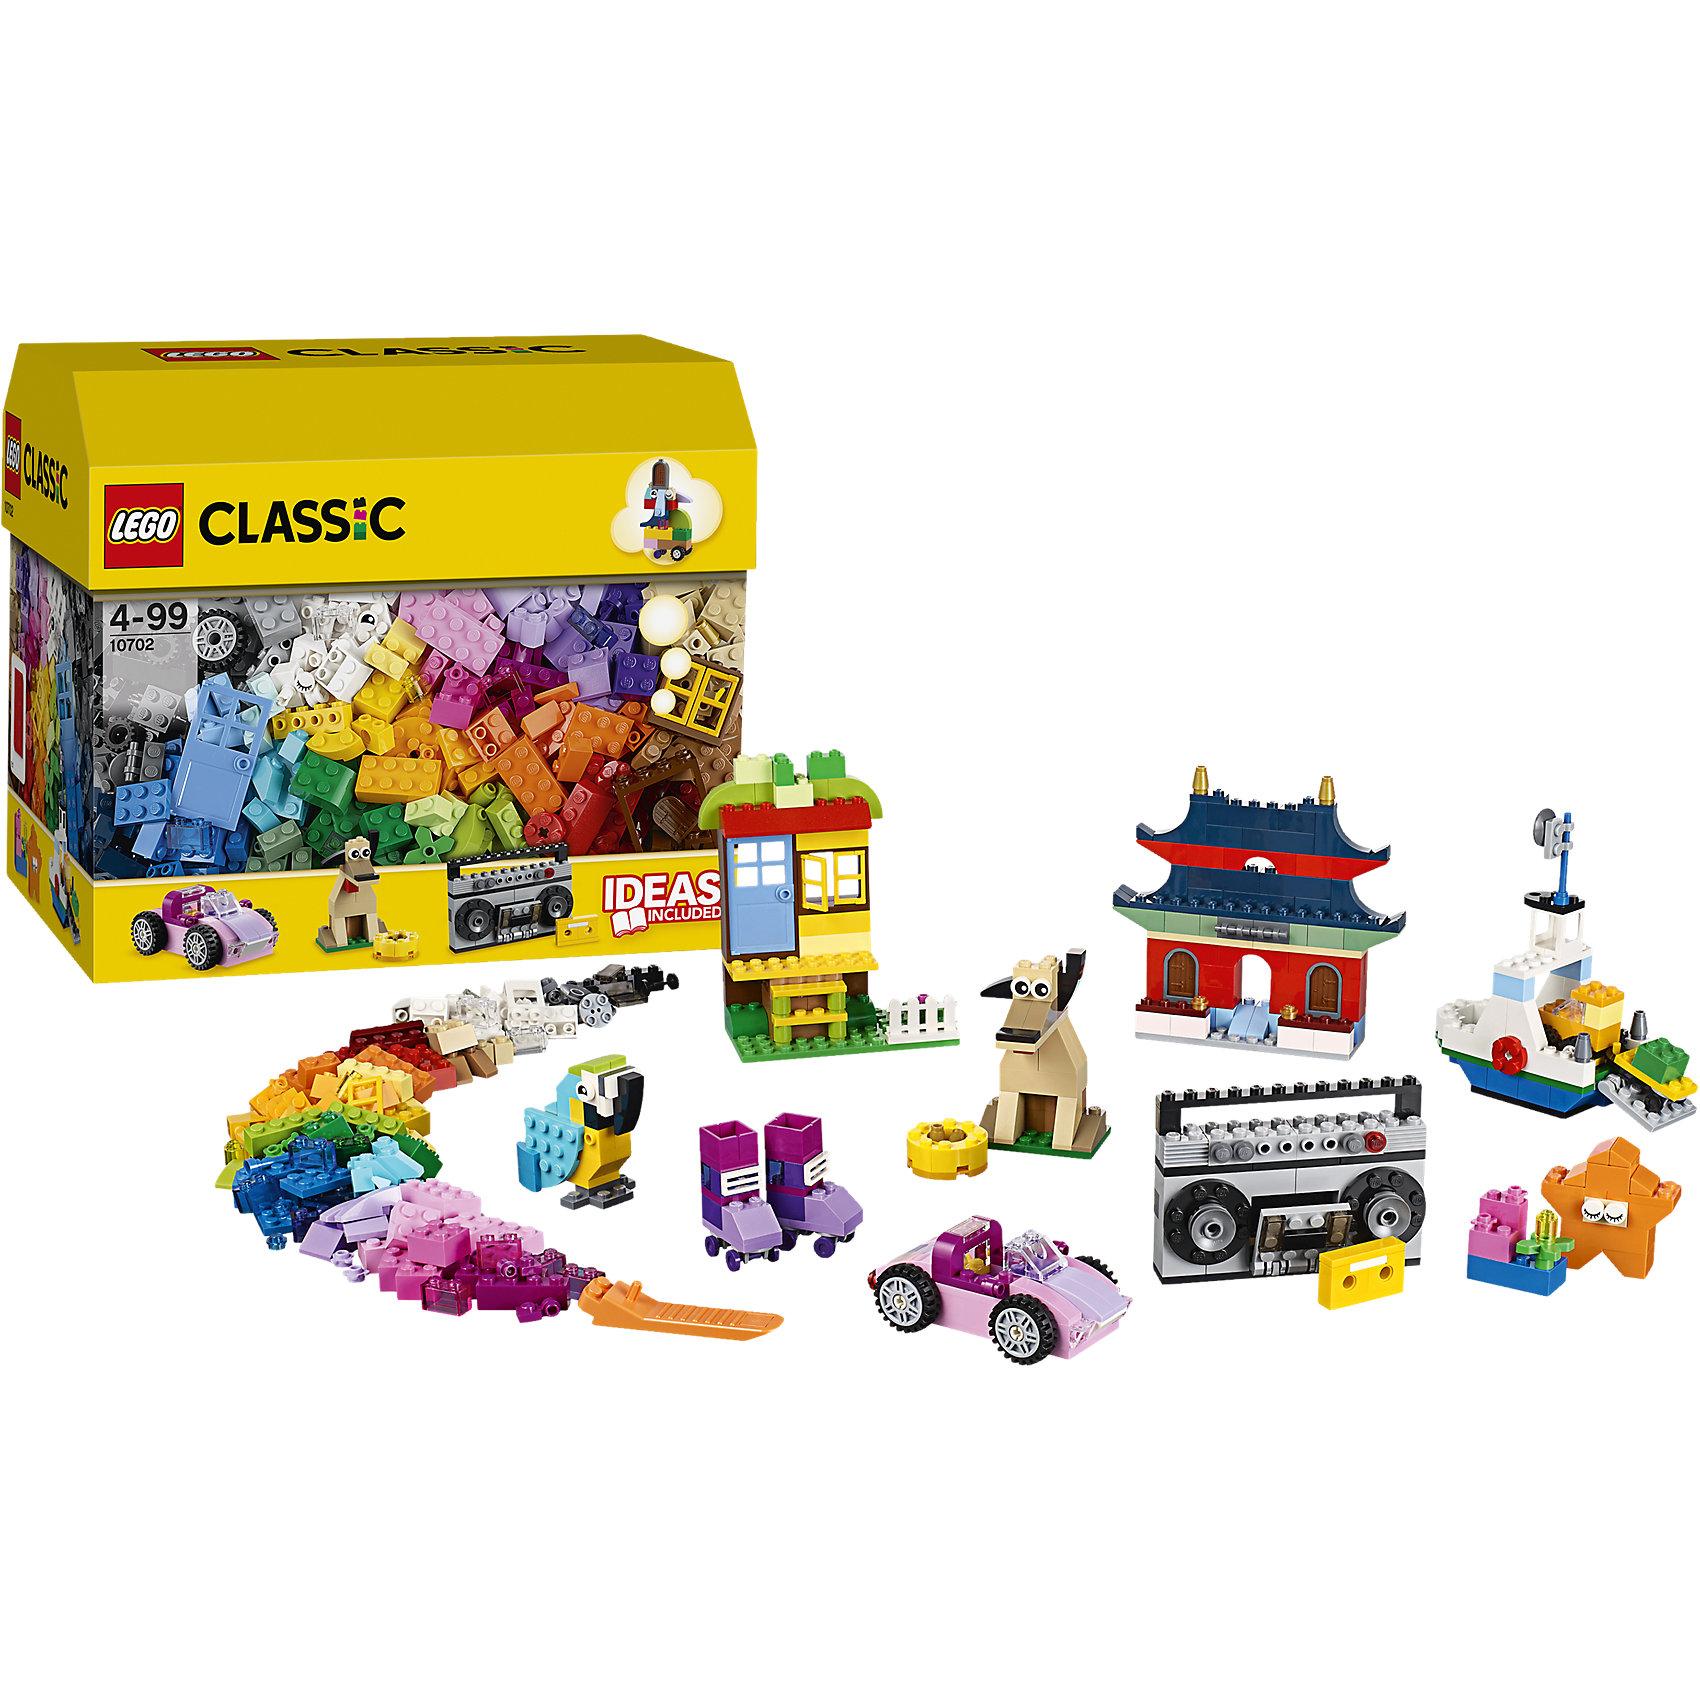 LEGO Classic 10702: Набор кубиков для свободного конструированияПластмассовые конструкторы<br>Используй воображение и с помощью коробки кубиков LEGO Classic, которая послужит для тебя источником вдохновения, создавай невероятные модели. Используй приложенные инструкции и скачивай дополнительные, которые послужат отправной точкой для реализации твоих идей! Дома, животные, машины и даже магнитофон - все это и многое другое ты сможешь собрать с помощью этого набора! <br><br>Наборы для творчества LEGO Classic (ЛЕГО классик)  идеальны для начинающих строителей всех возрастов. Они также дополнят любую имеющуюся коллекцию LEGO. Набор упакован в удобную пластиковую коробку. <br><br>Дополнительная информация:<br><br>- Конструкторы ЛЕГО развивают усидчивость, внимание, фантазию и мелкую моторику. <br>- Материал: гипоаллергенный пластик. <br>- Комплектация: кубики. <br>- Количество деталей: 583 шт.<br>- Серия ЛЕГО Classic (ЛЕГО классик). <br>- Размер упаковки: 16х26х22 см.<br>- Вес: 0,84 кг.<br><br>LEGO Classic 10702: Набор кубиков для свободного конструирования можно купить в нашем магазине.<br><br>Ширина мм: 267<br>Глубина мм: 165<br>Высота мм: 226<br>Вес г: 821<br>Возраст от месяцев: 48<br>Возраст до месяцев: 168<br>Пол: Унисекс<br>Возраст: Детский<br>SKU: 4259179